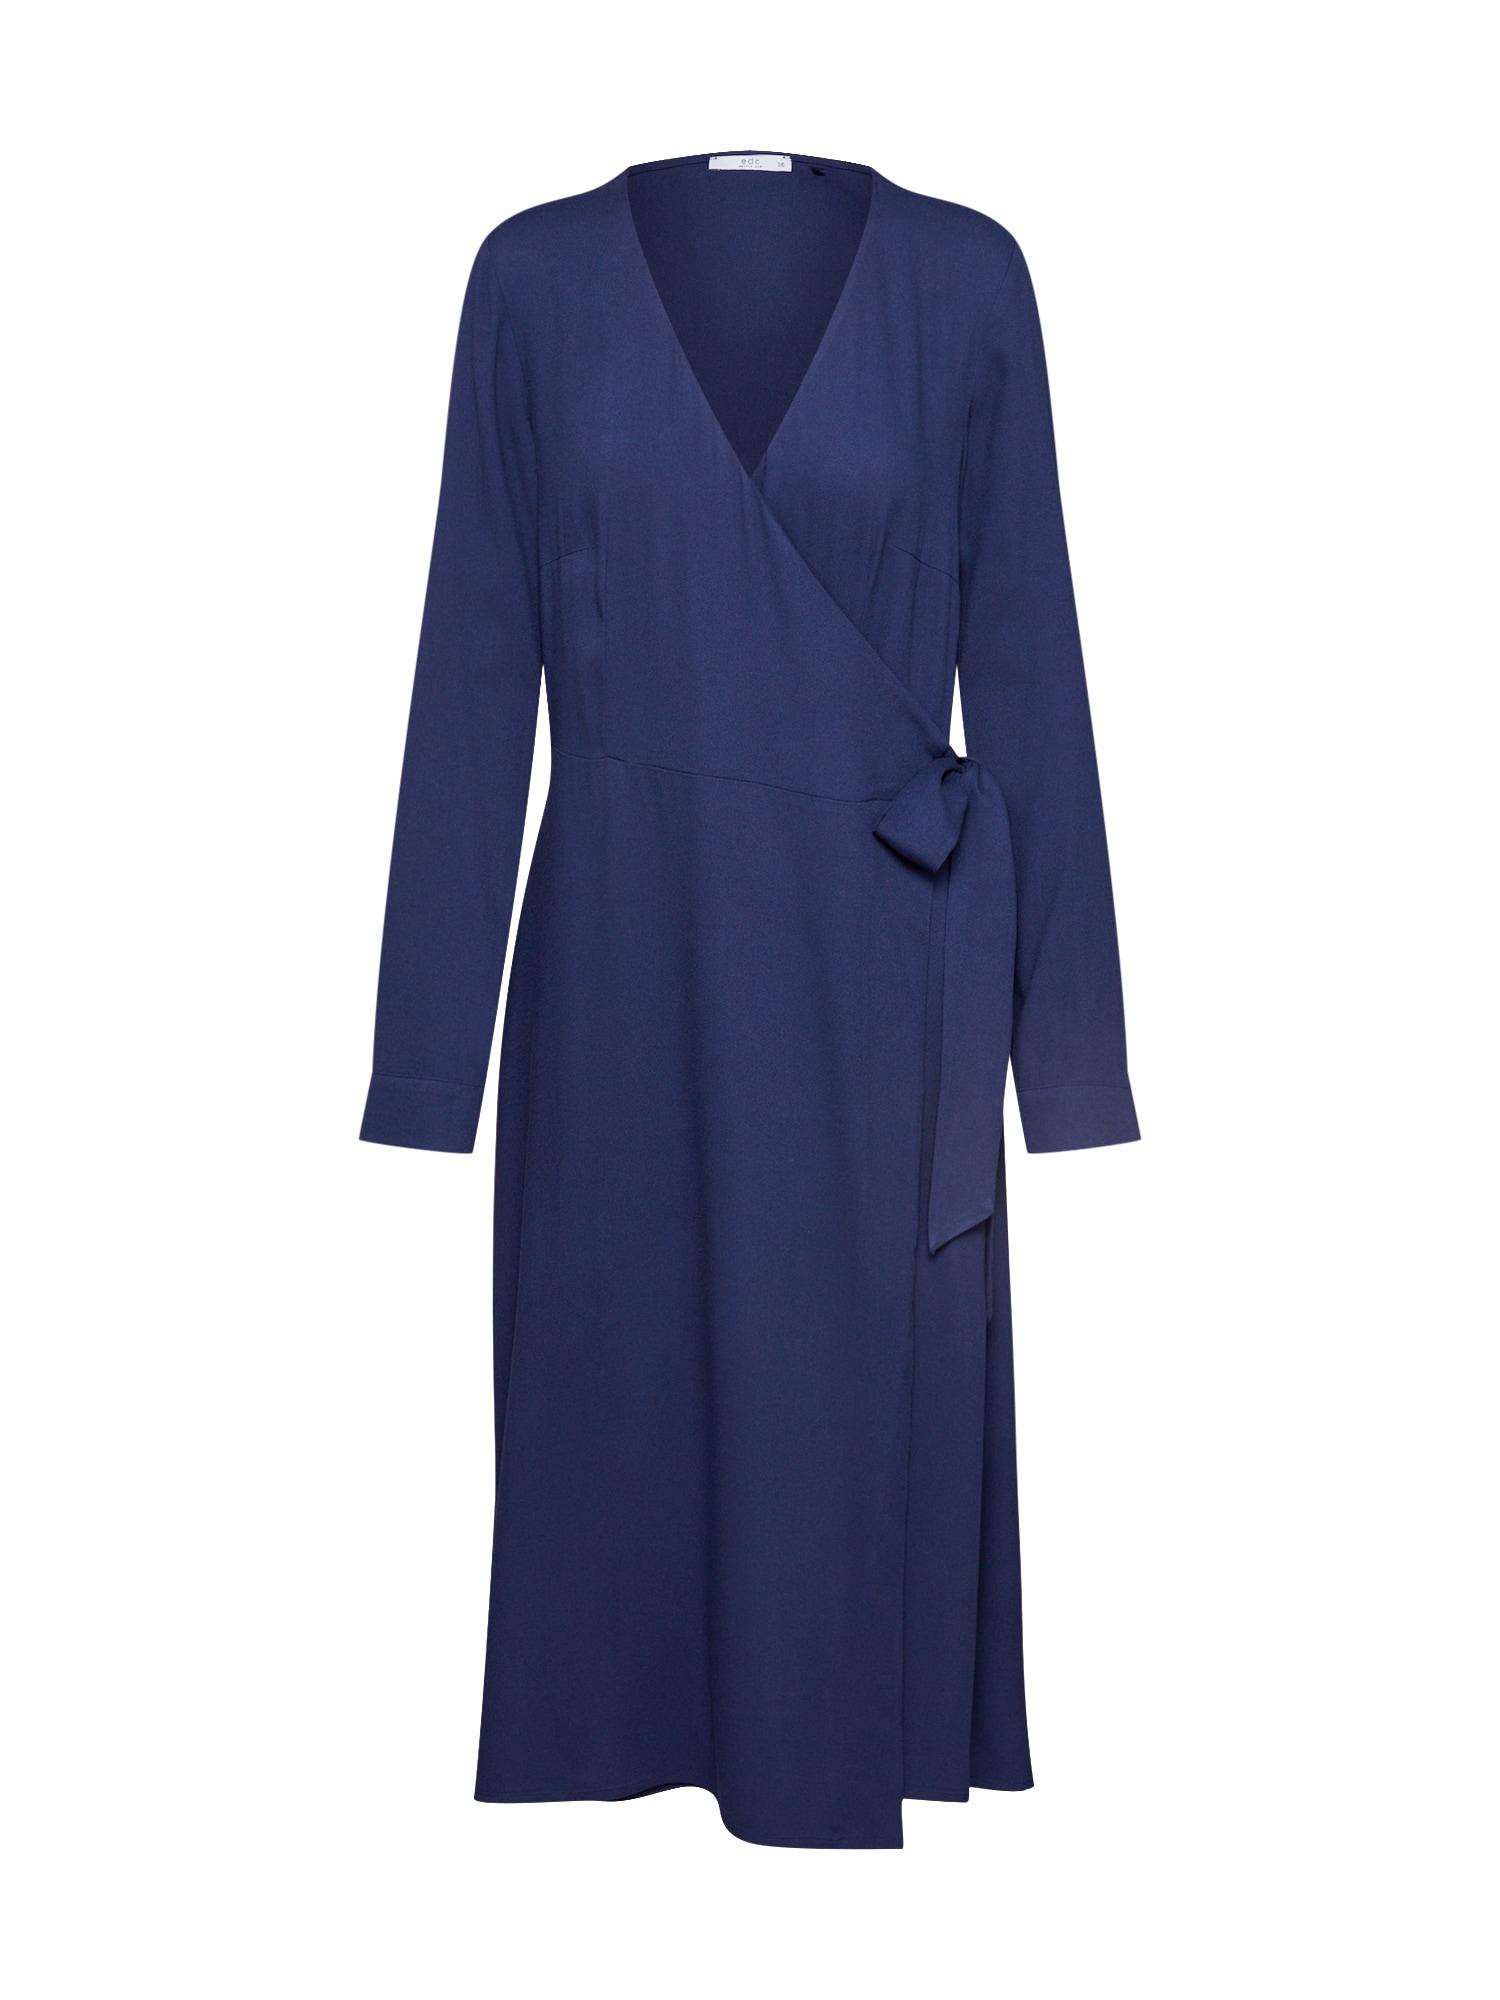 EDC BY ESPRIT Šaty 'Wrap dress'  námořnická modř